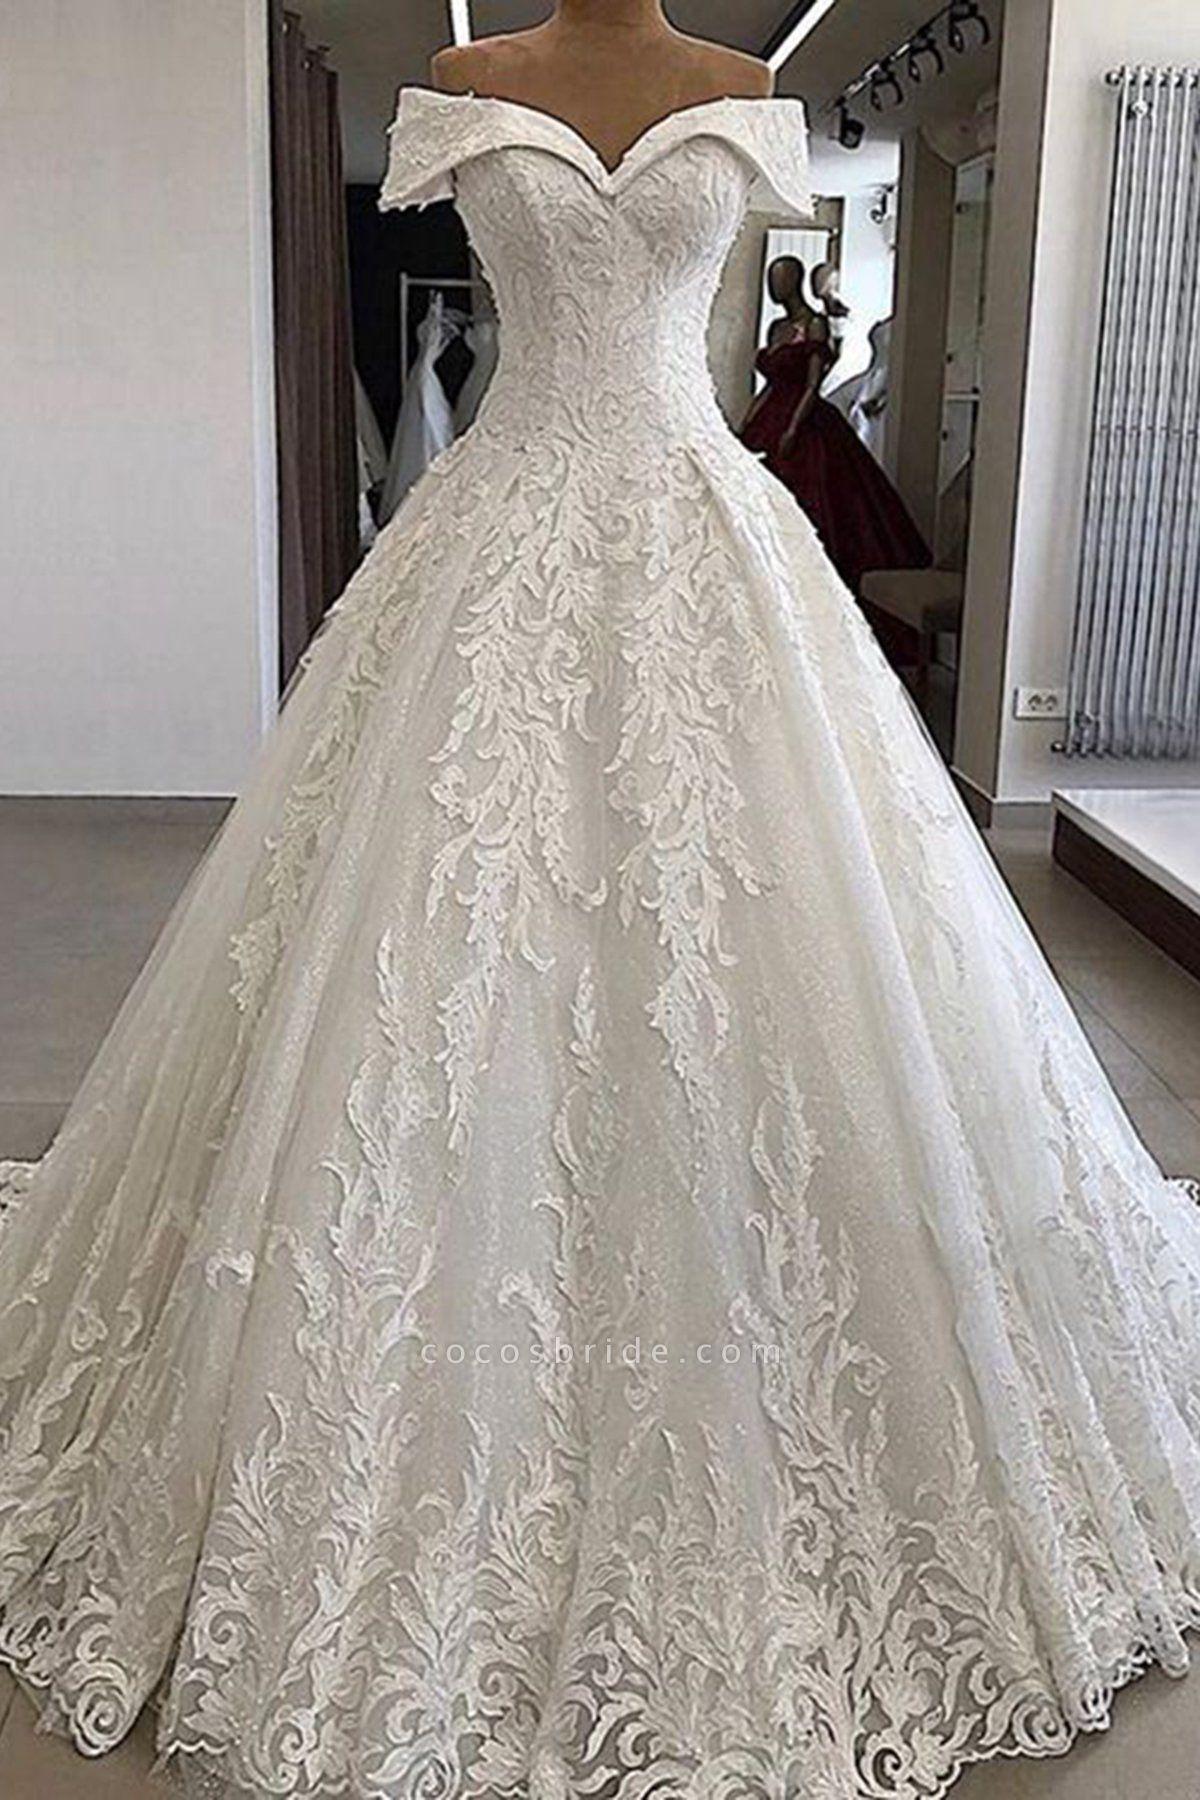 Luxury White Lace Off Shoulder Long Applique Wedding Dress